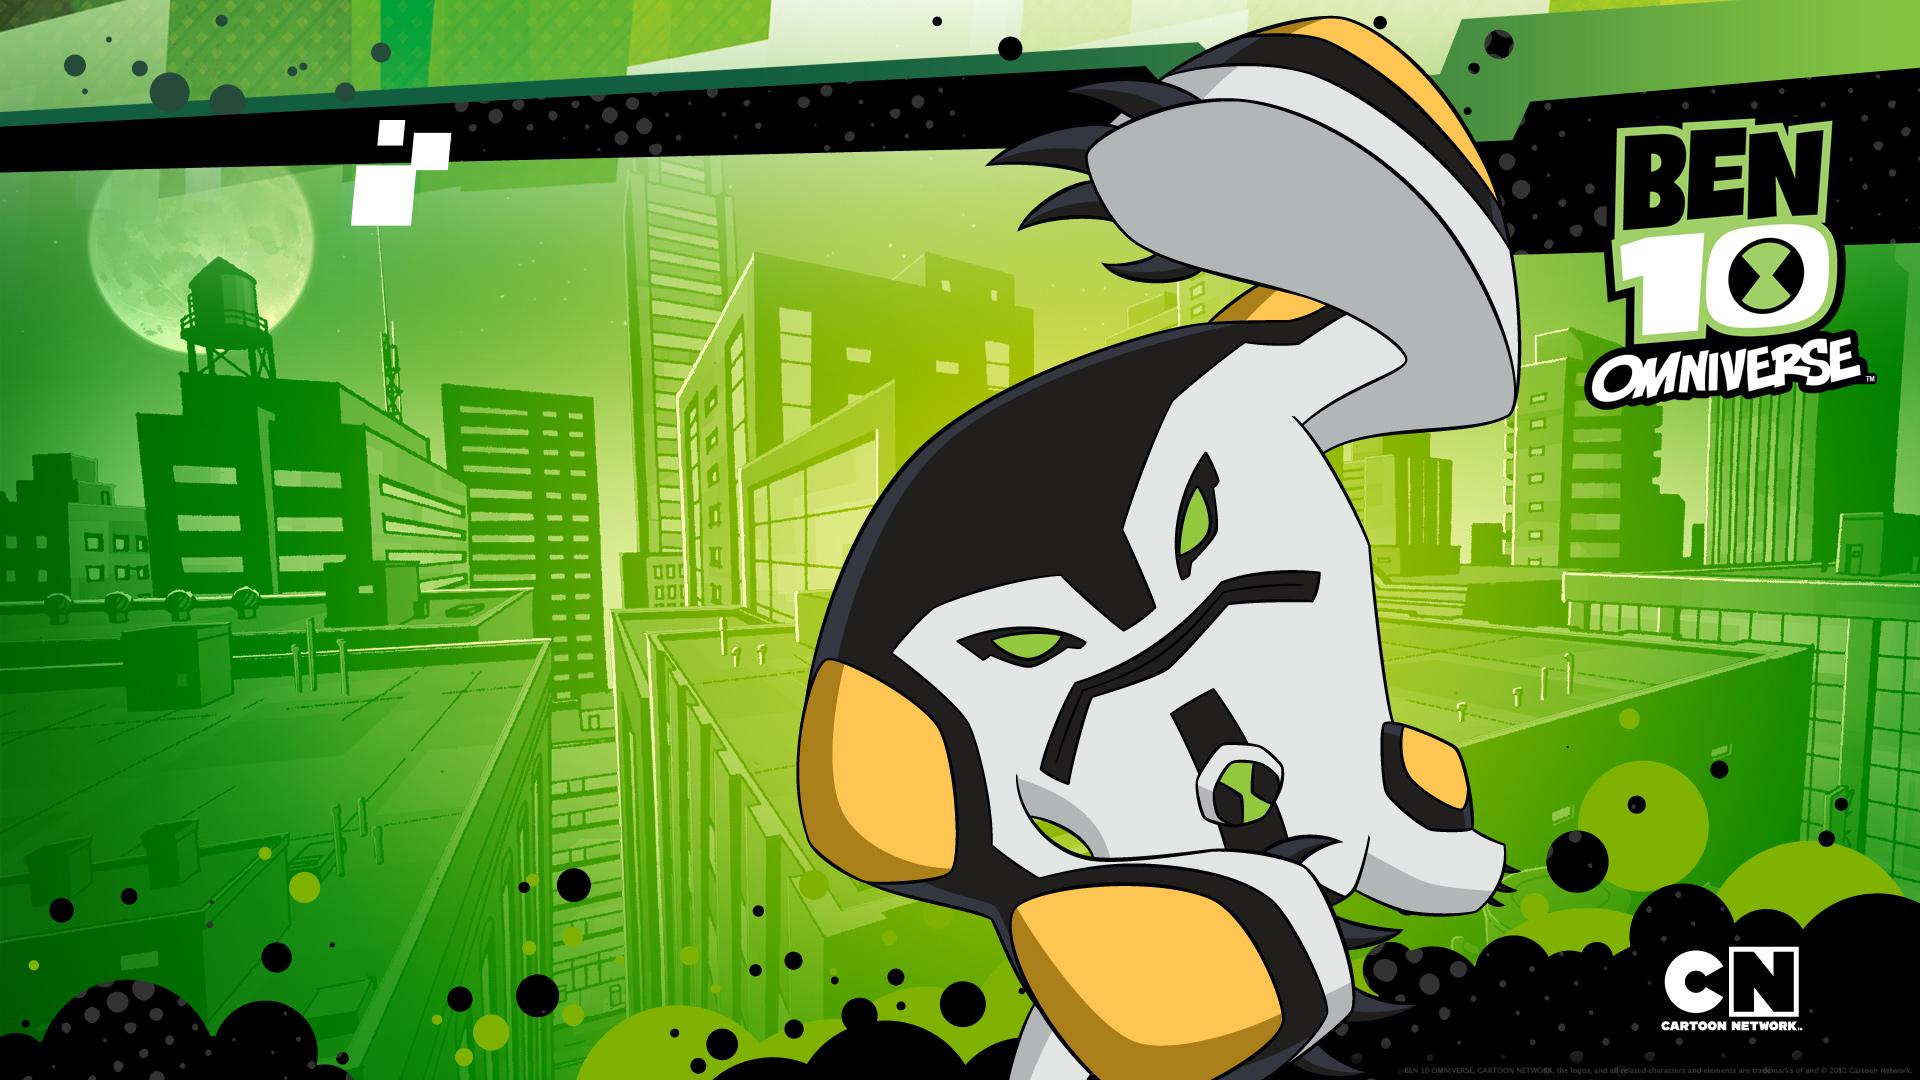 bet 10 cartoon character wallpaper (12) - Cartoon District